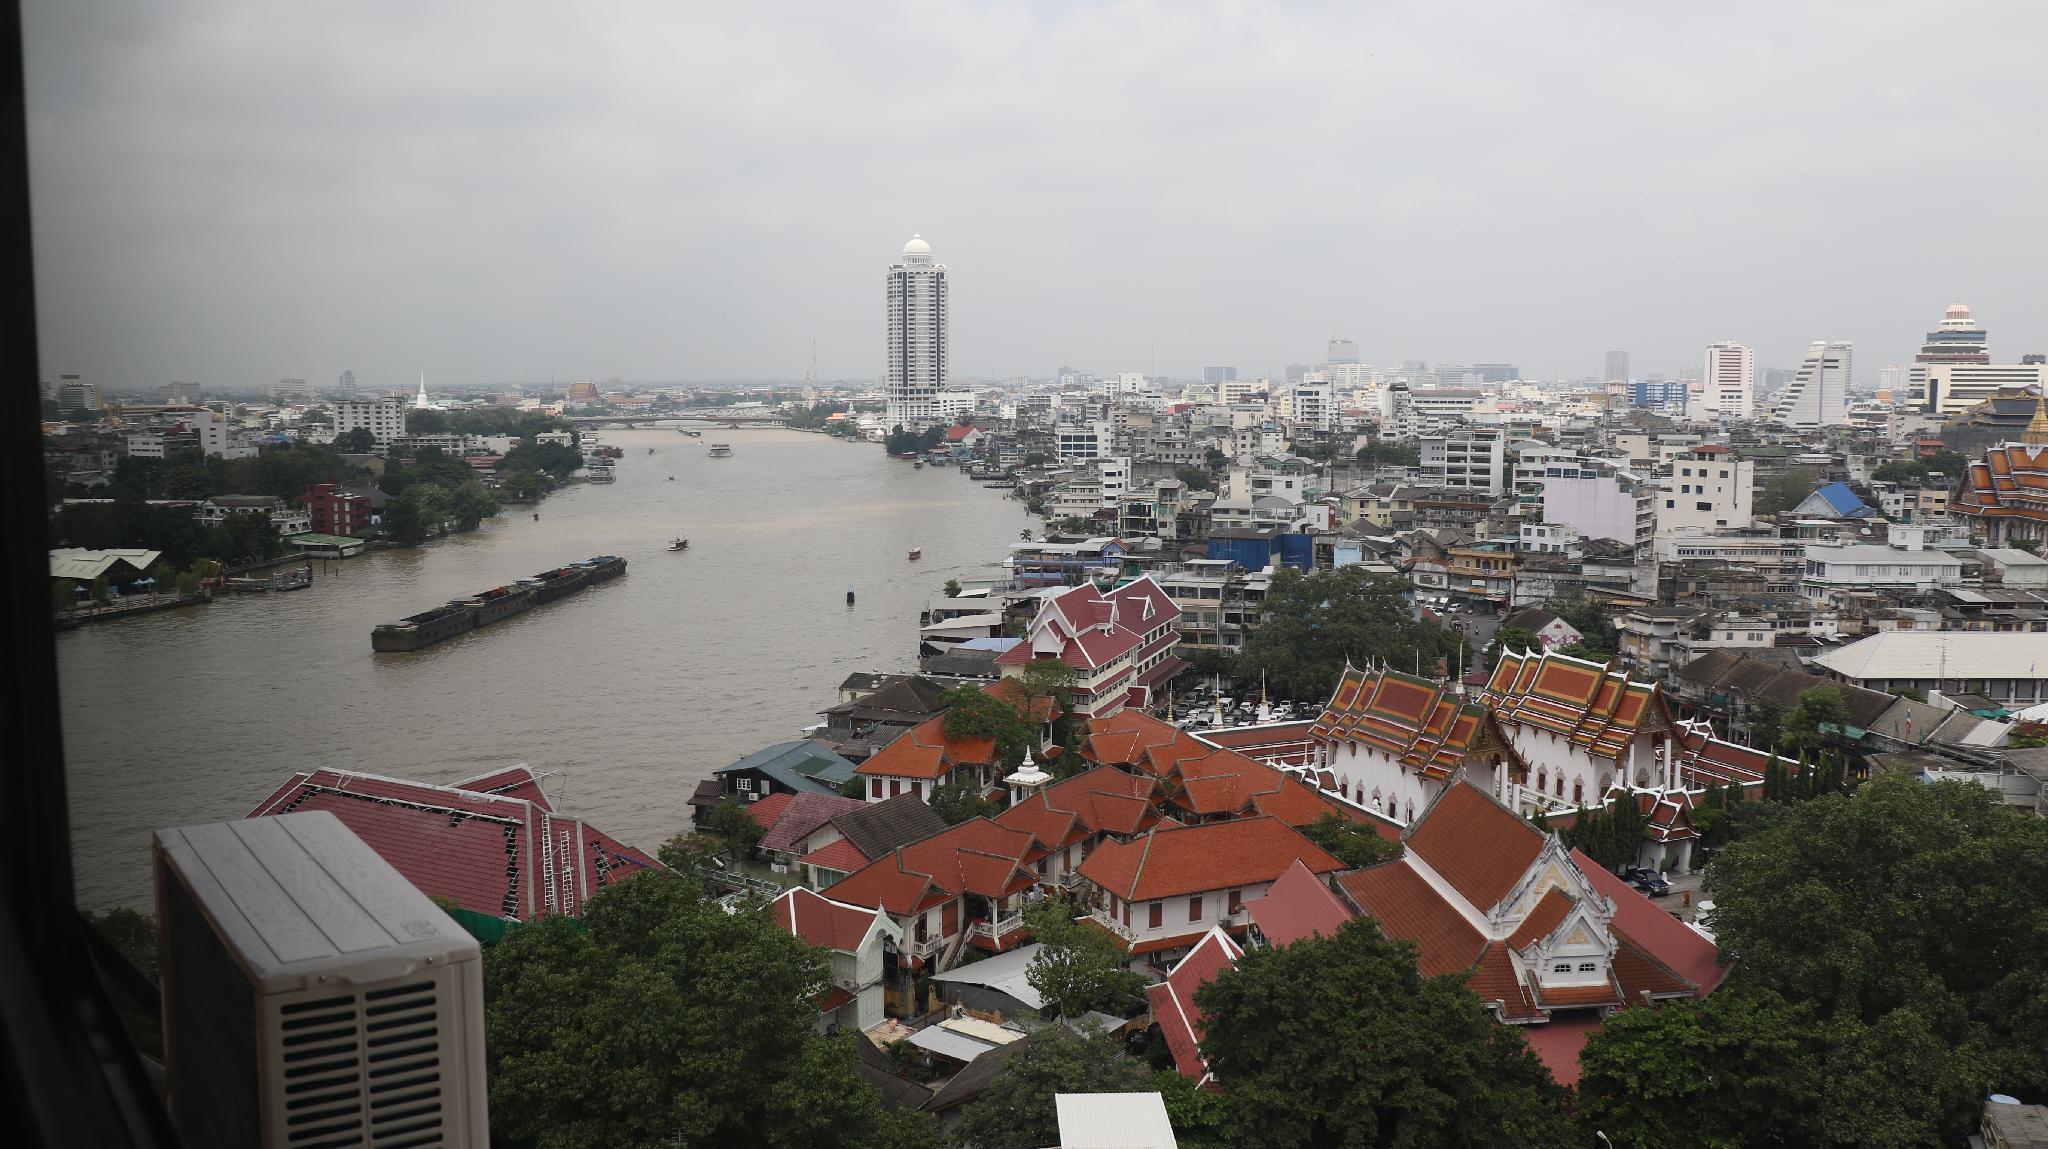 Spacious room with river view*Near MRT (205) อพาร์ตเมนต์ 1 ห้องนอน 1 ห้องน้ำส่วนตัว ขนาด 55 ตร.ม. – ริมแม่น้ำกรุงเทพ